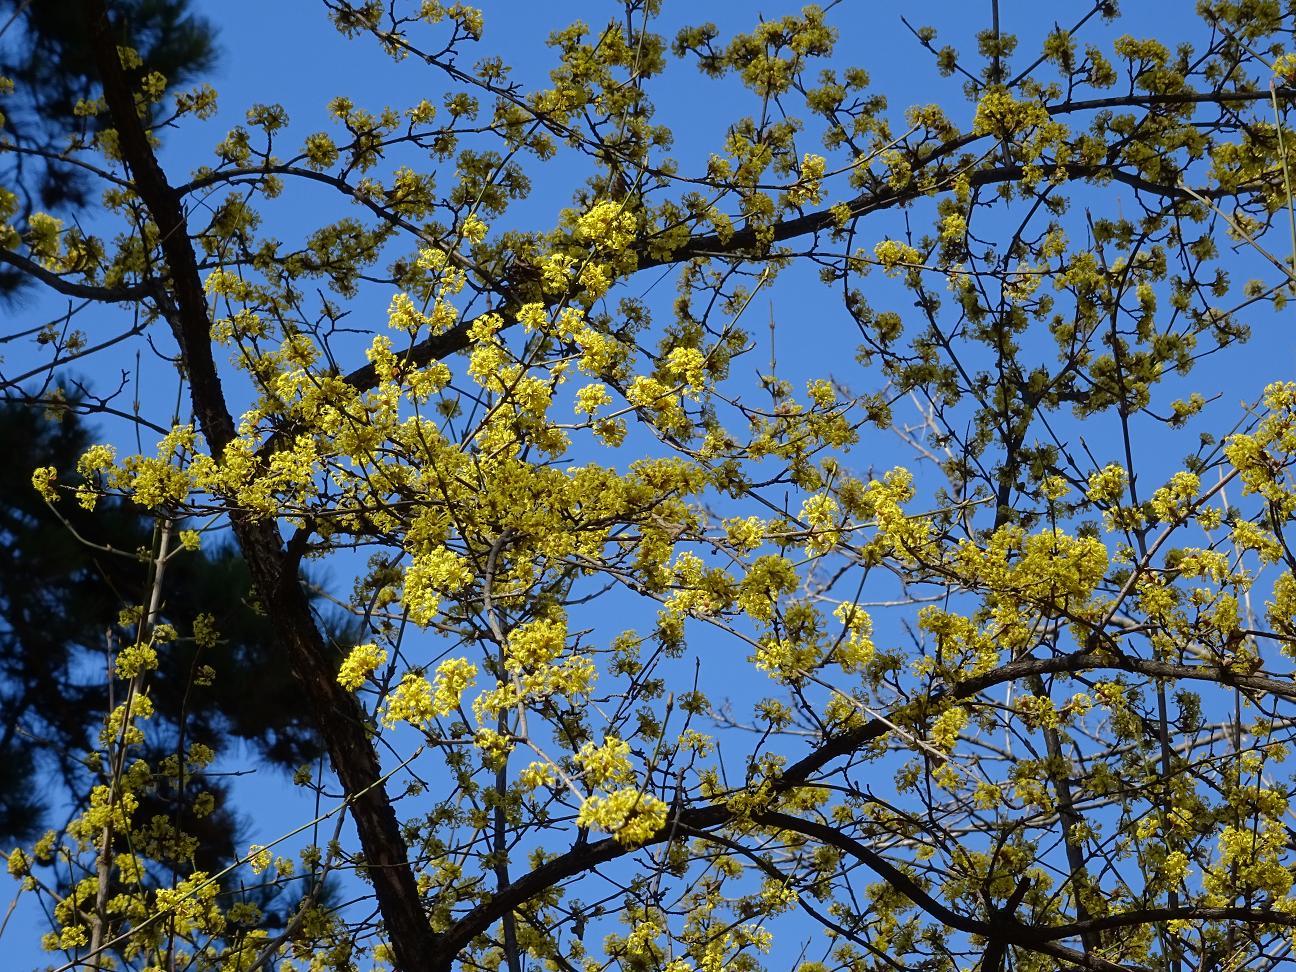 Кизил обыкновенный, Дёрен мужской, Софийская область, 17 марта. Автор фото: Кирилова Любовь